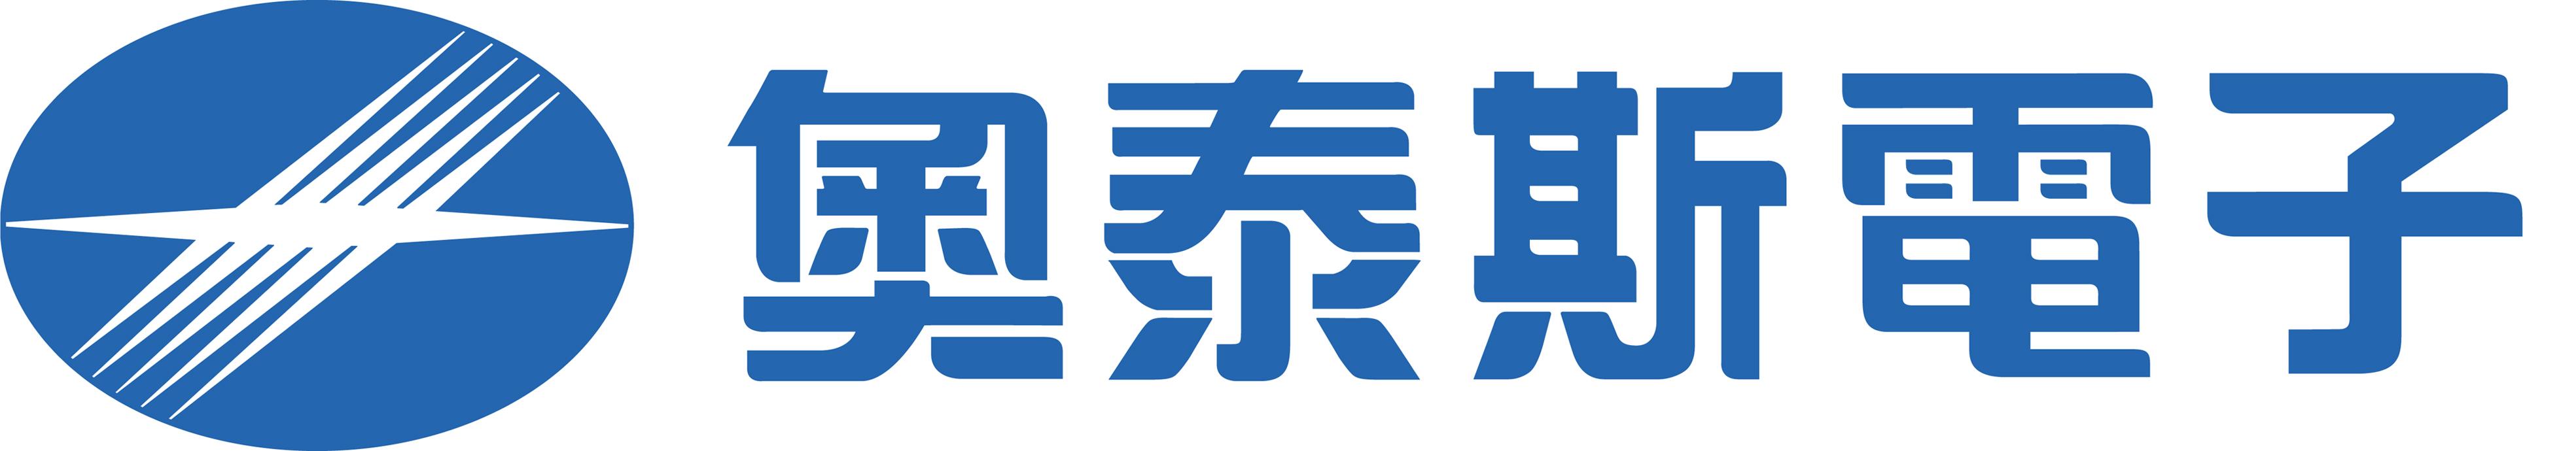 奥泰斯电子(东莞)有限公司品质工程师日企招聘信息